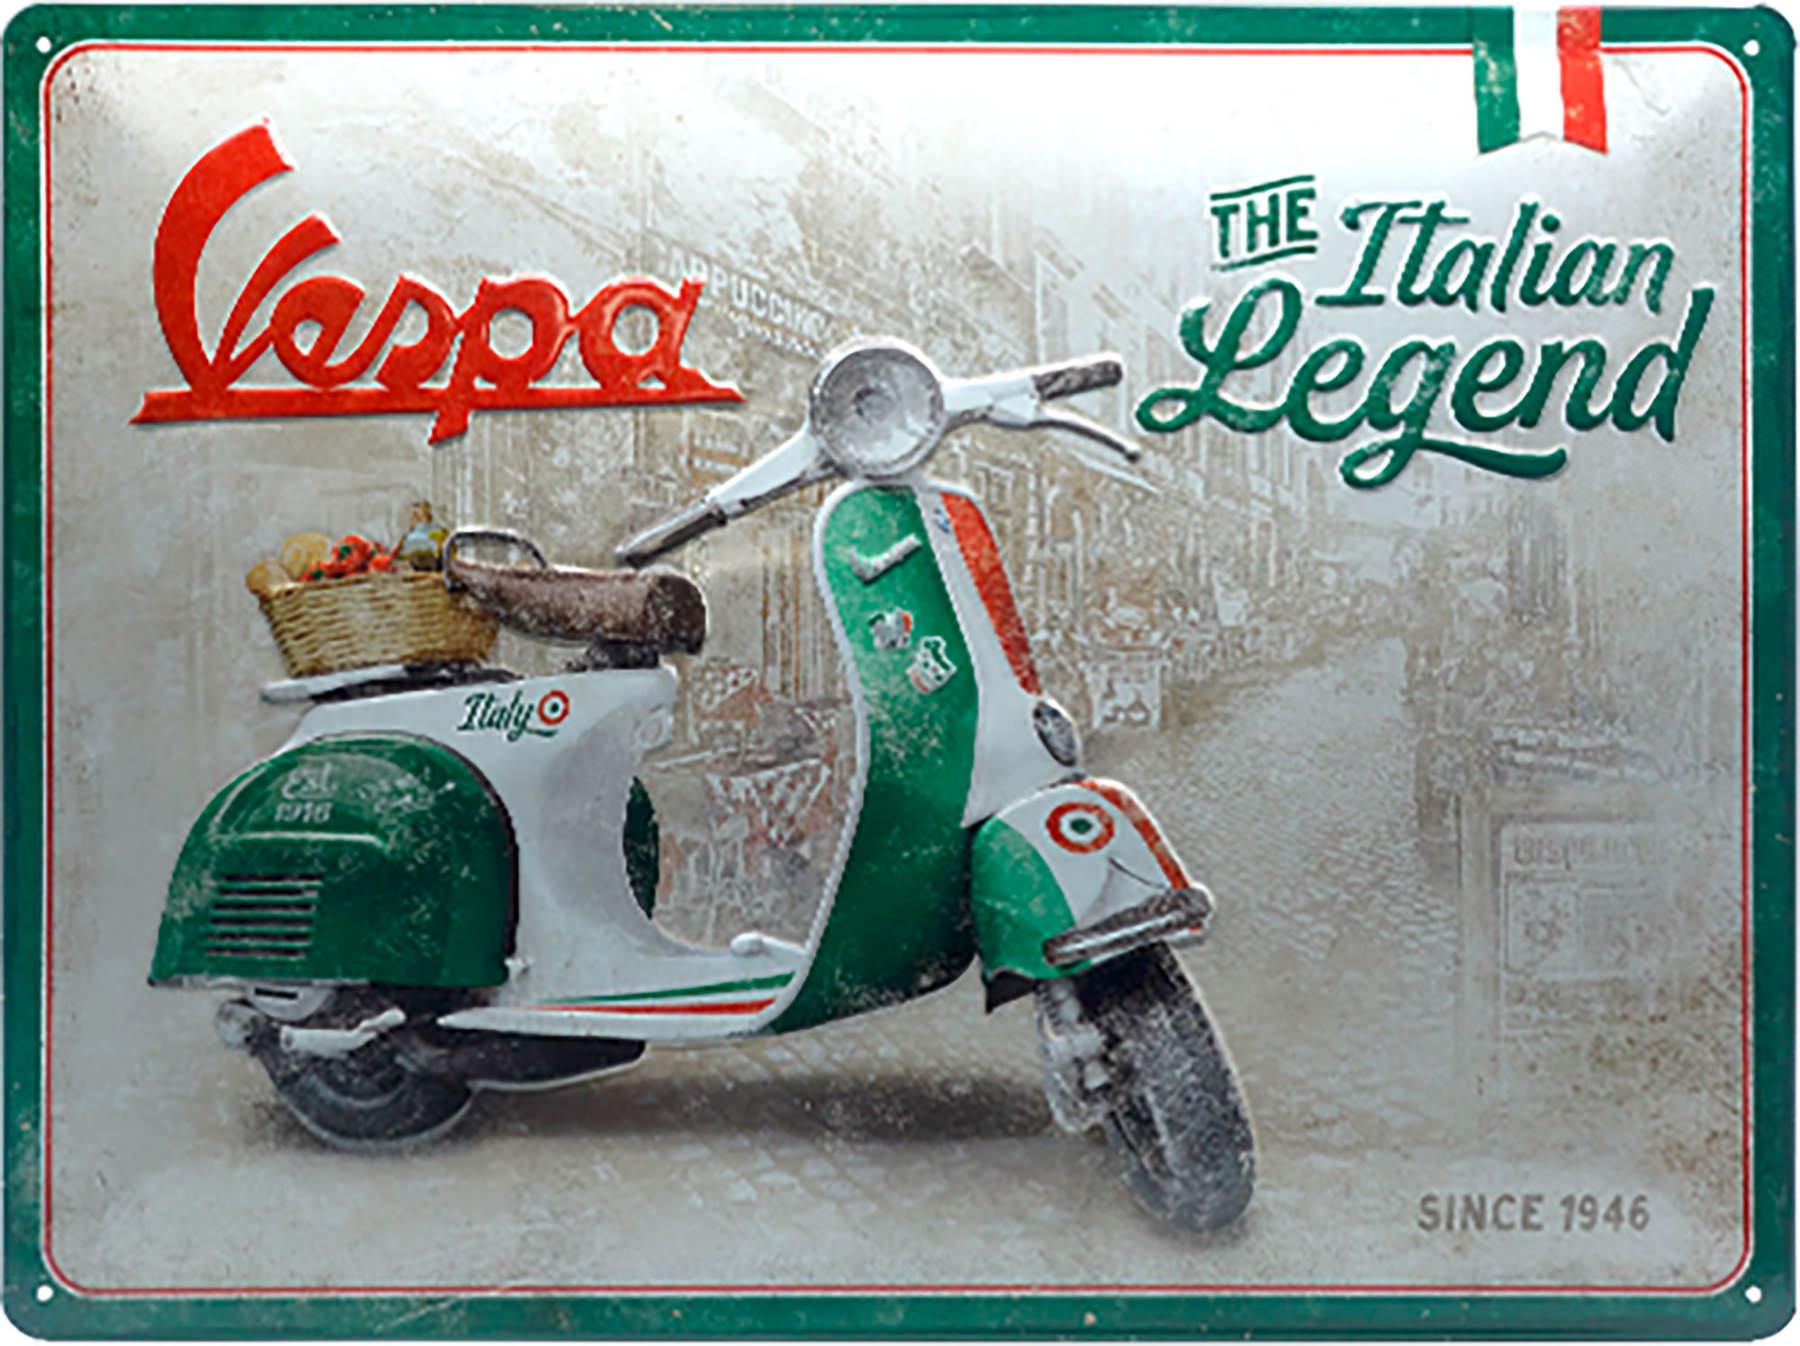 Vespa Scooters Targhe in Latta Avvertimento di Arte retr/ò Dipinto di Ferro Vintage Decorazione murale di Metallo per Strada Store Cafe Bar Home